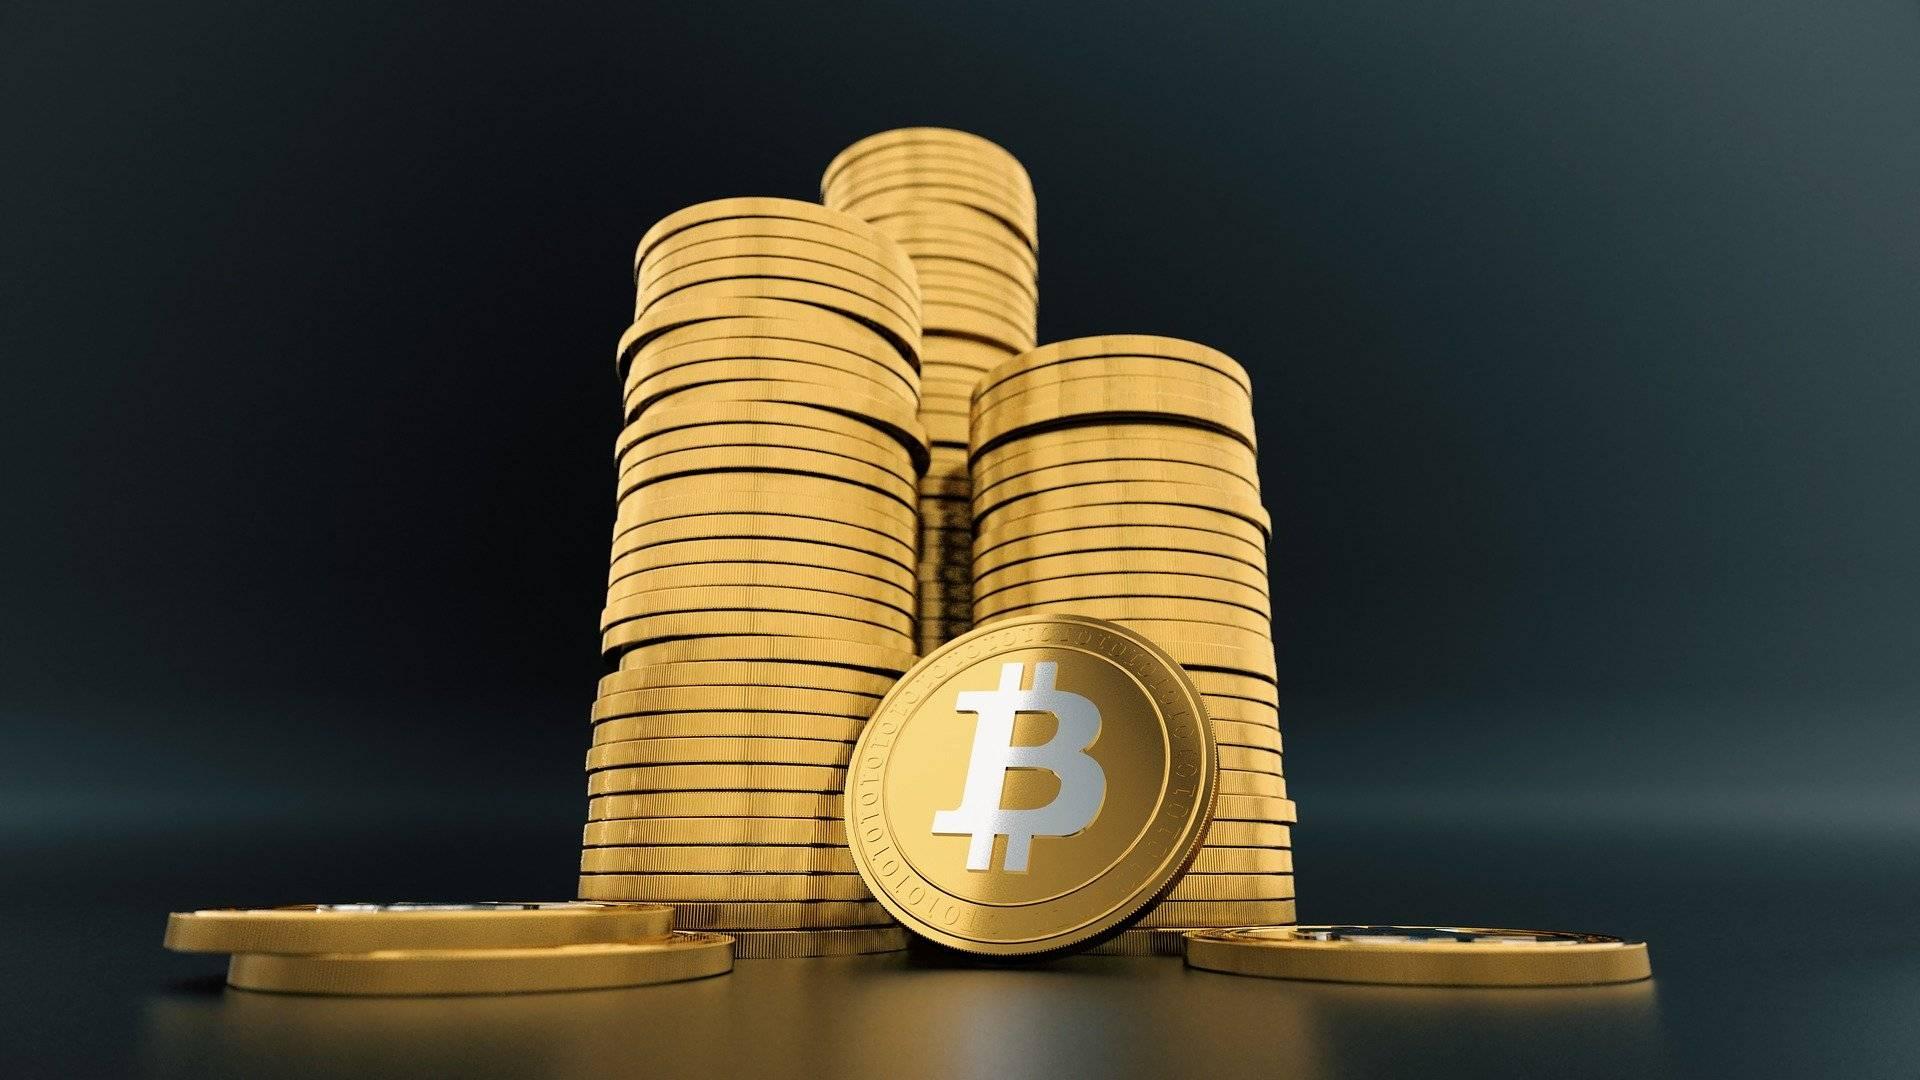 Bitcoin $BTC pièces